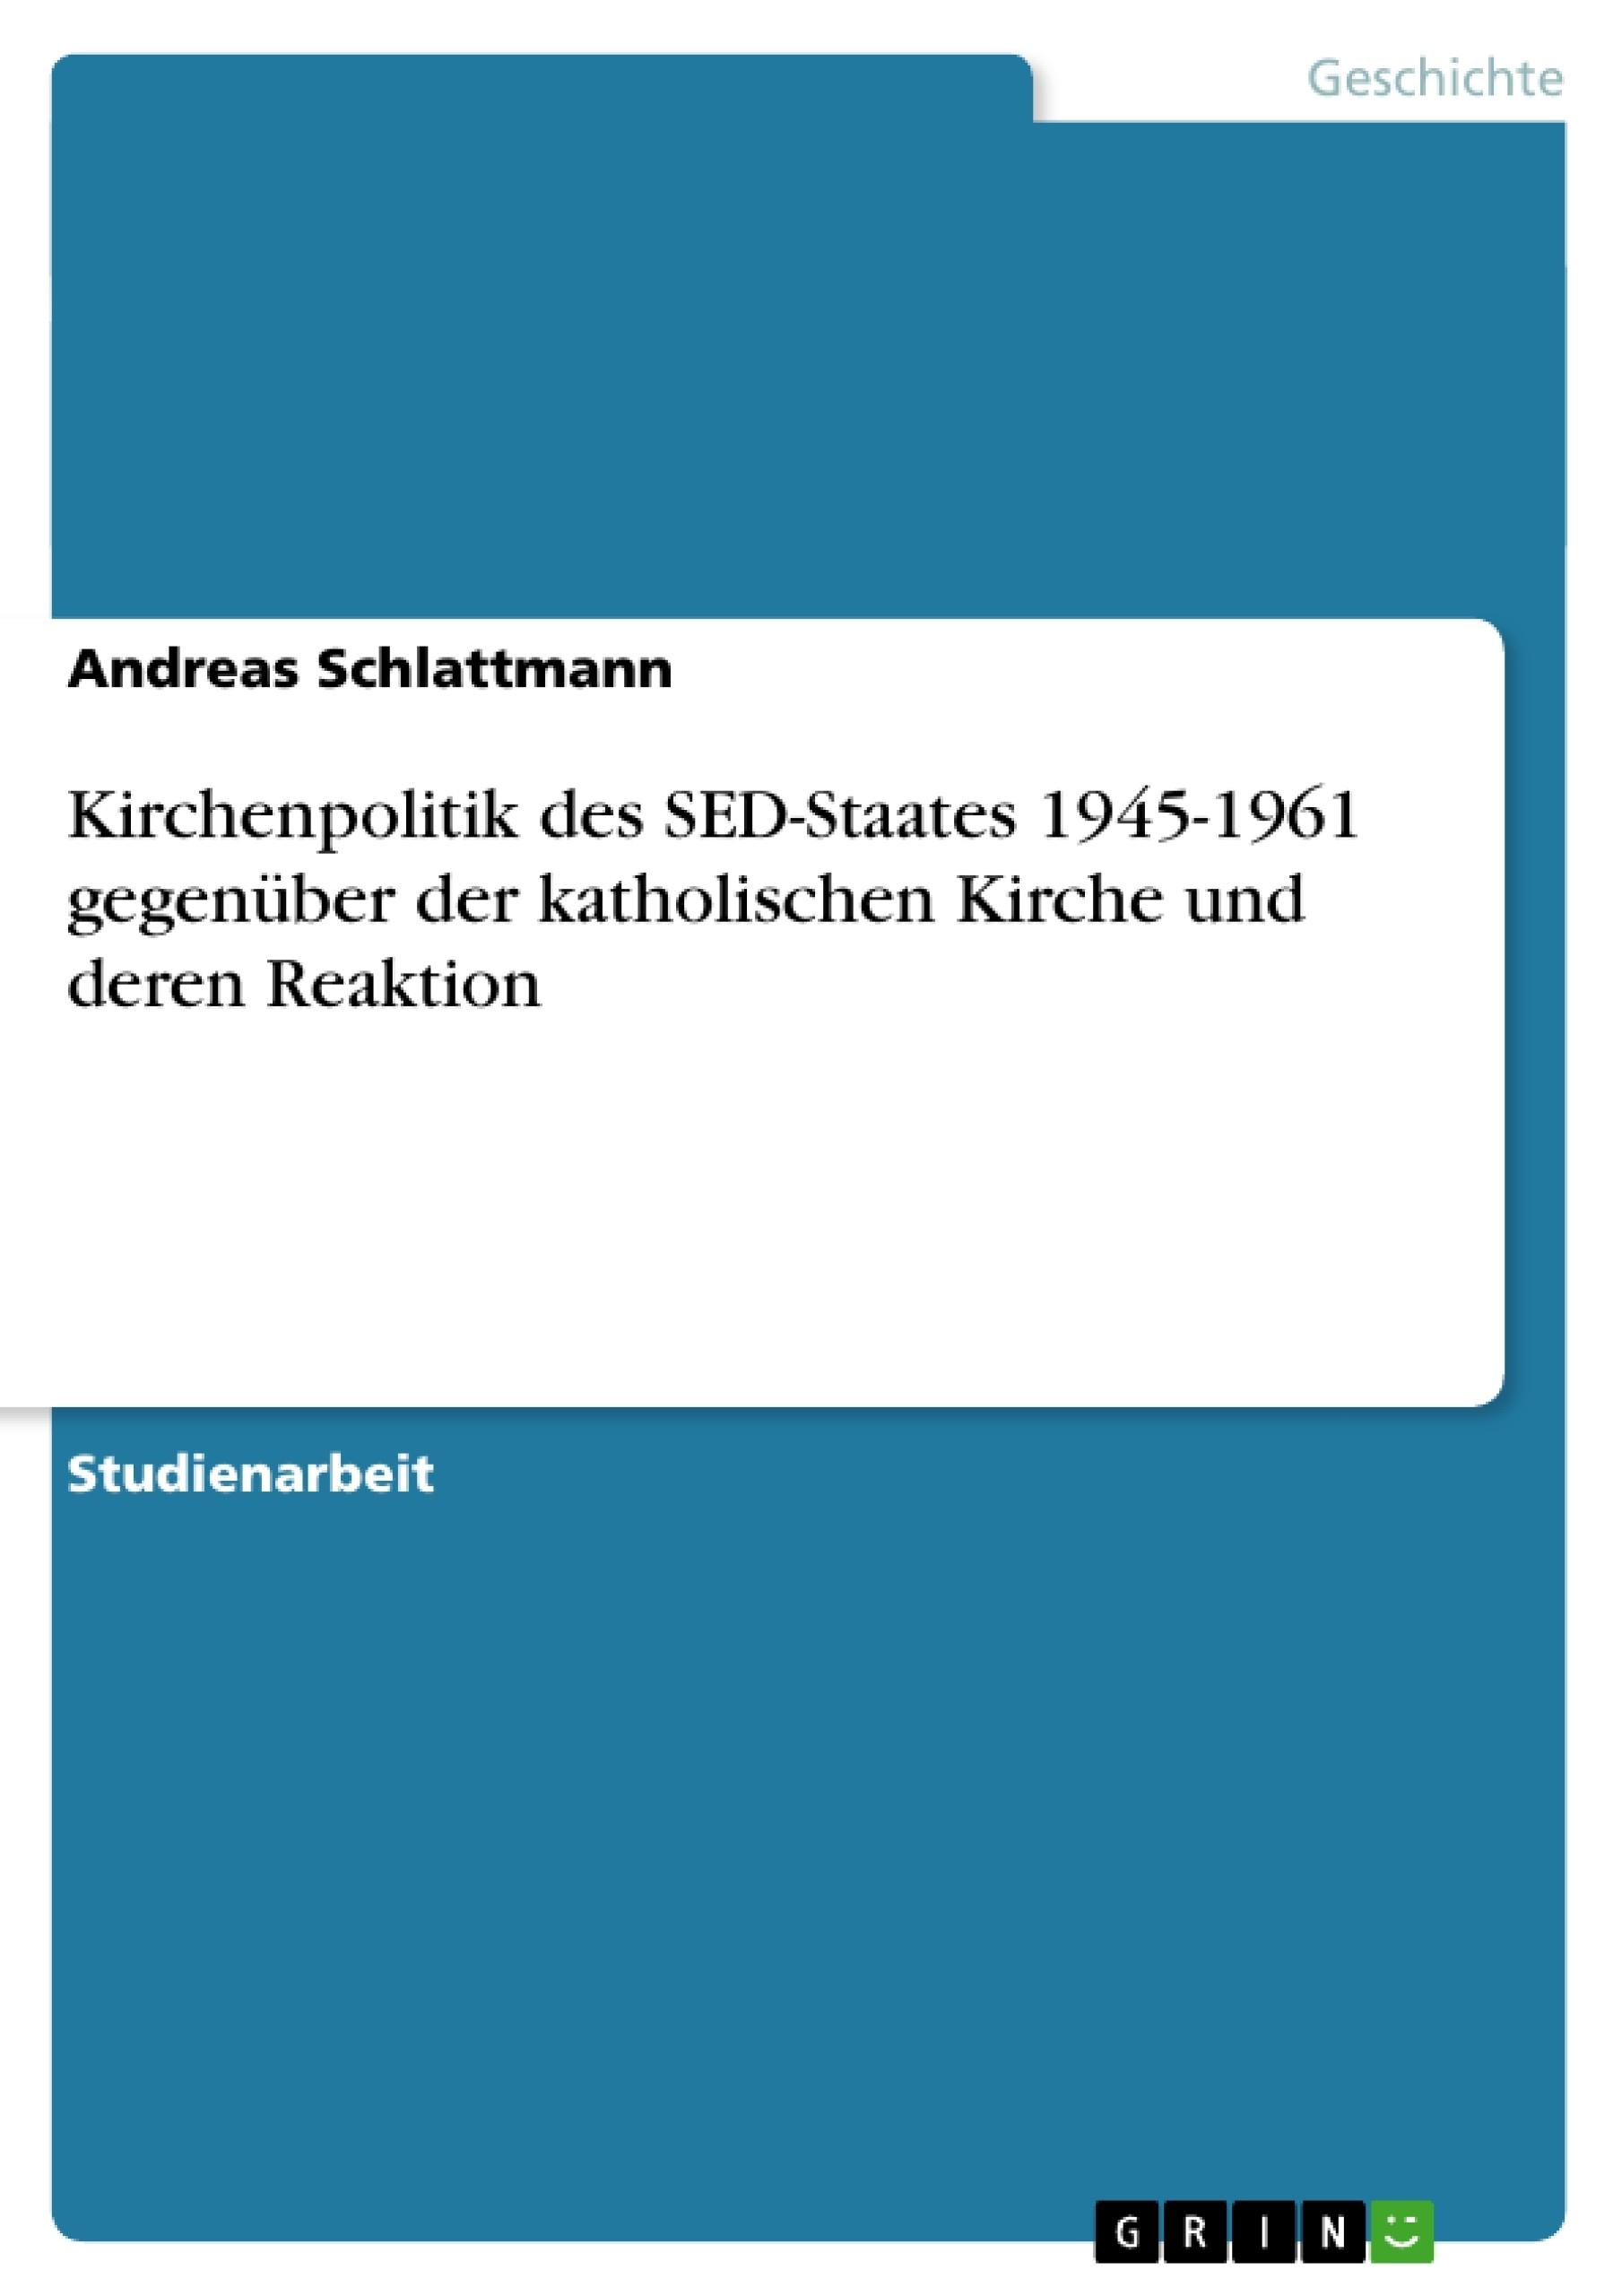 Titel: Kirchenpolitik des SED-Staates 1945-1961 gegenüber  der katholischen Kirche und deren Reaktion